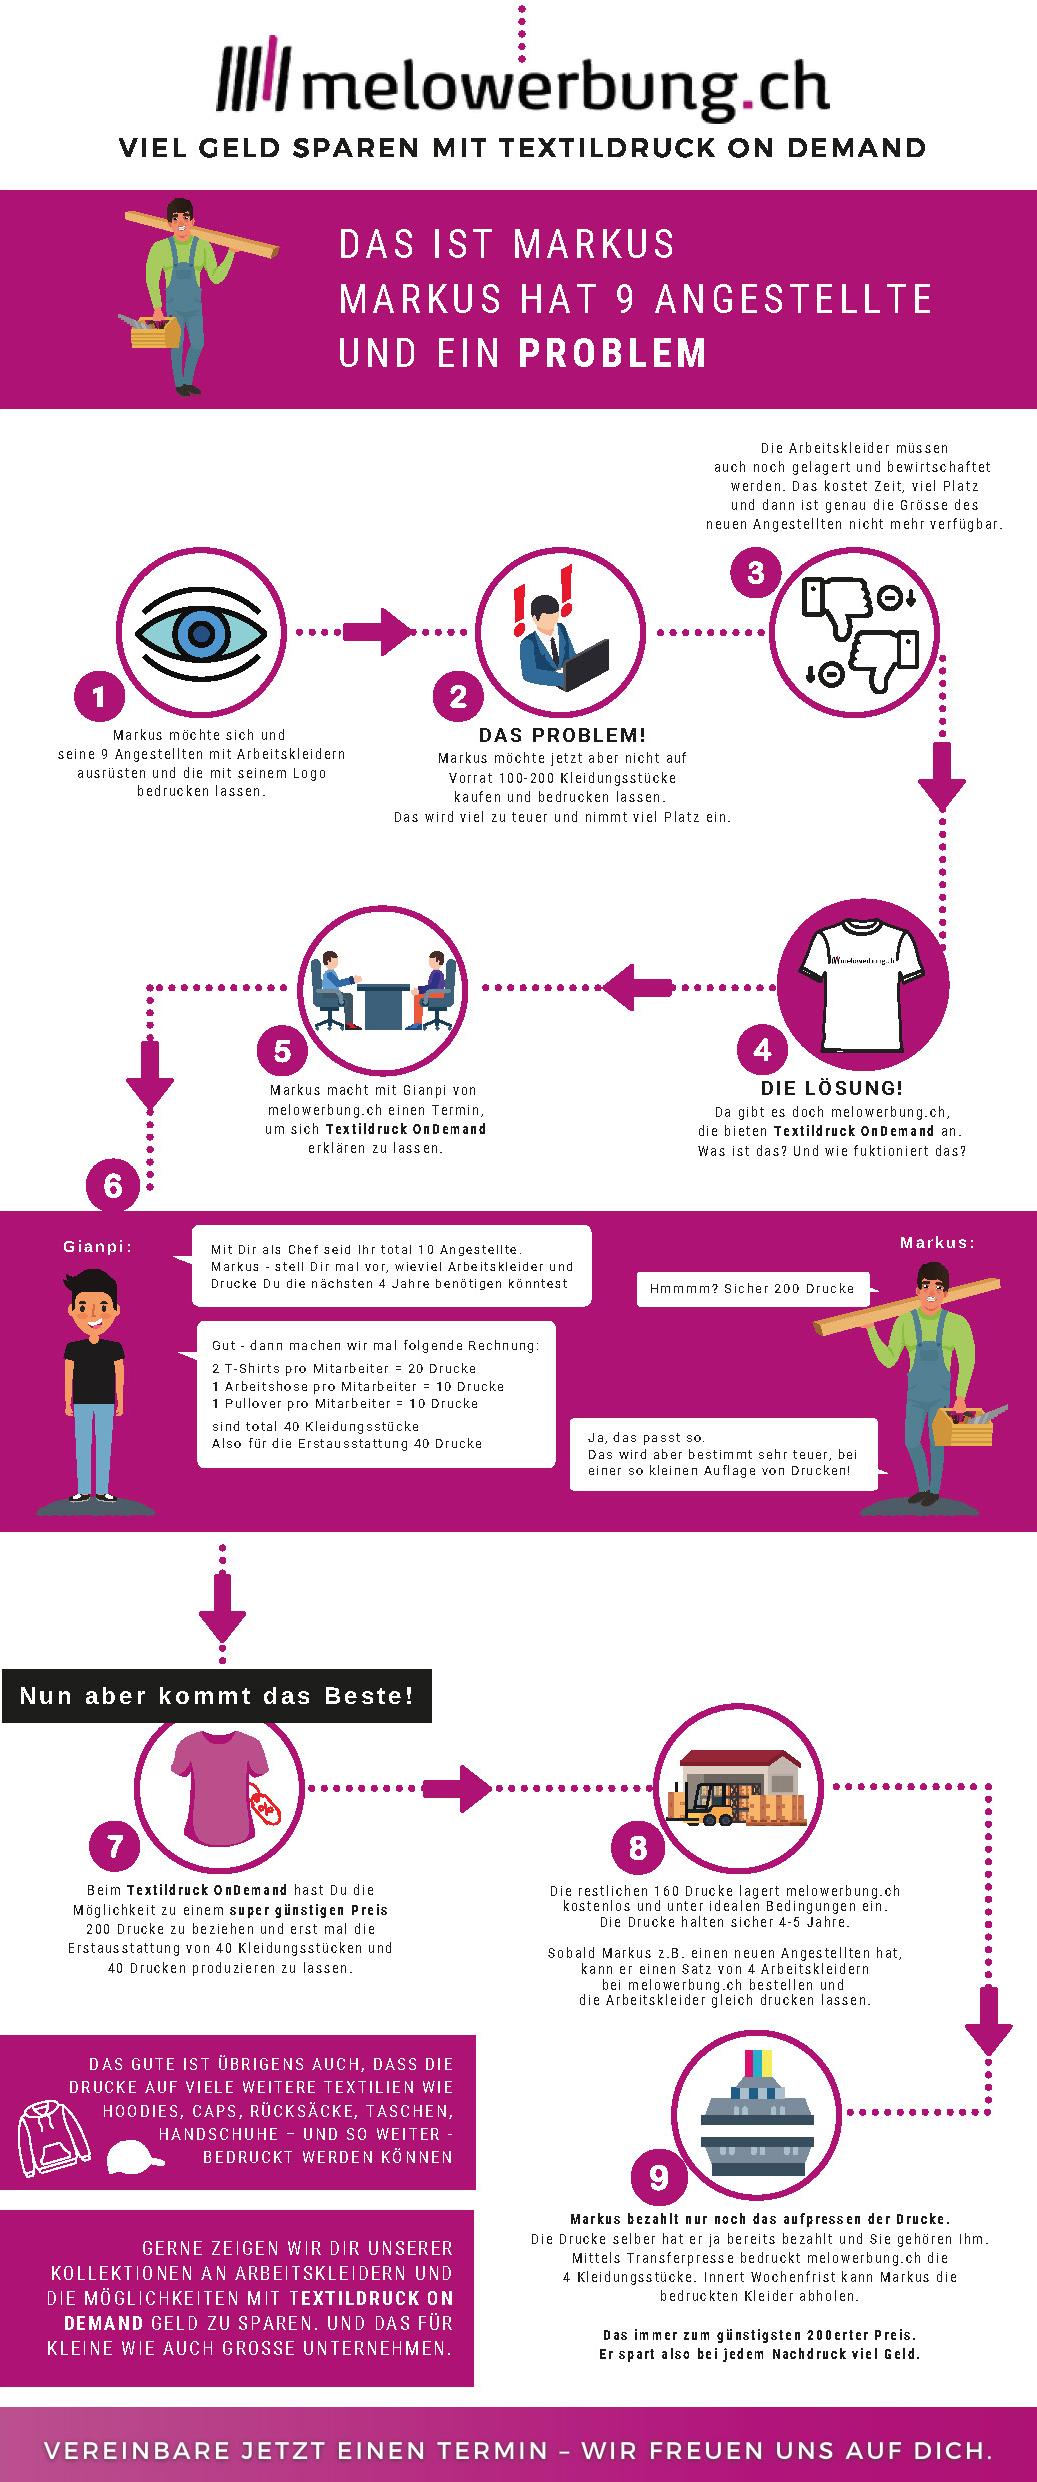 Textildruck on Demand Infografik